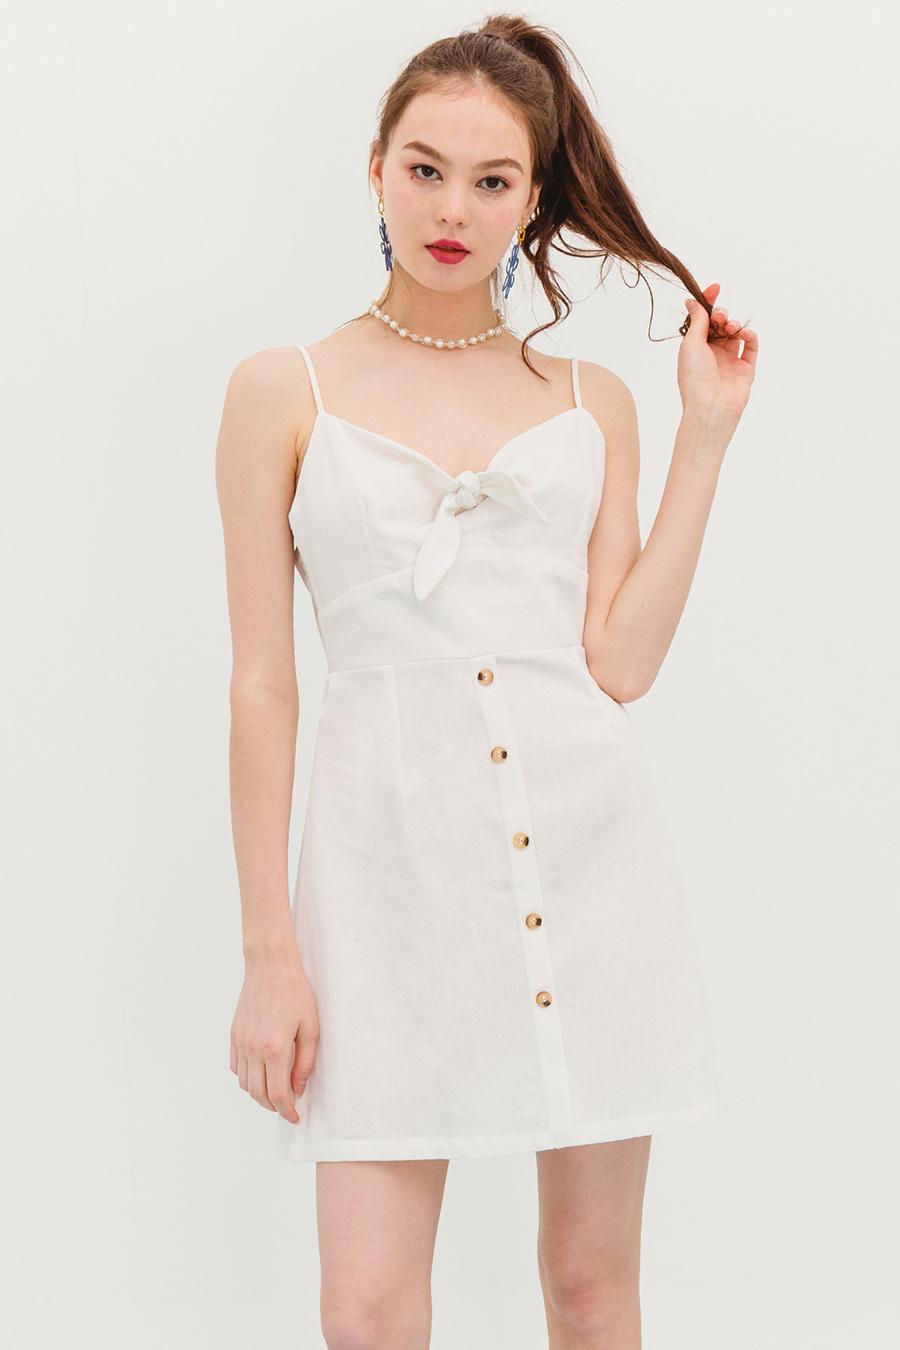 SYBIL DRESS - IVORY